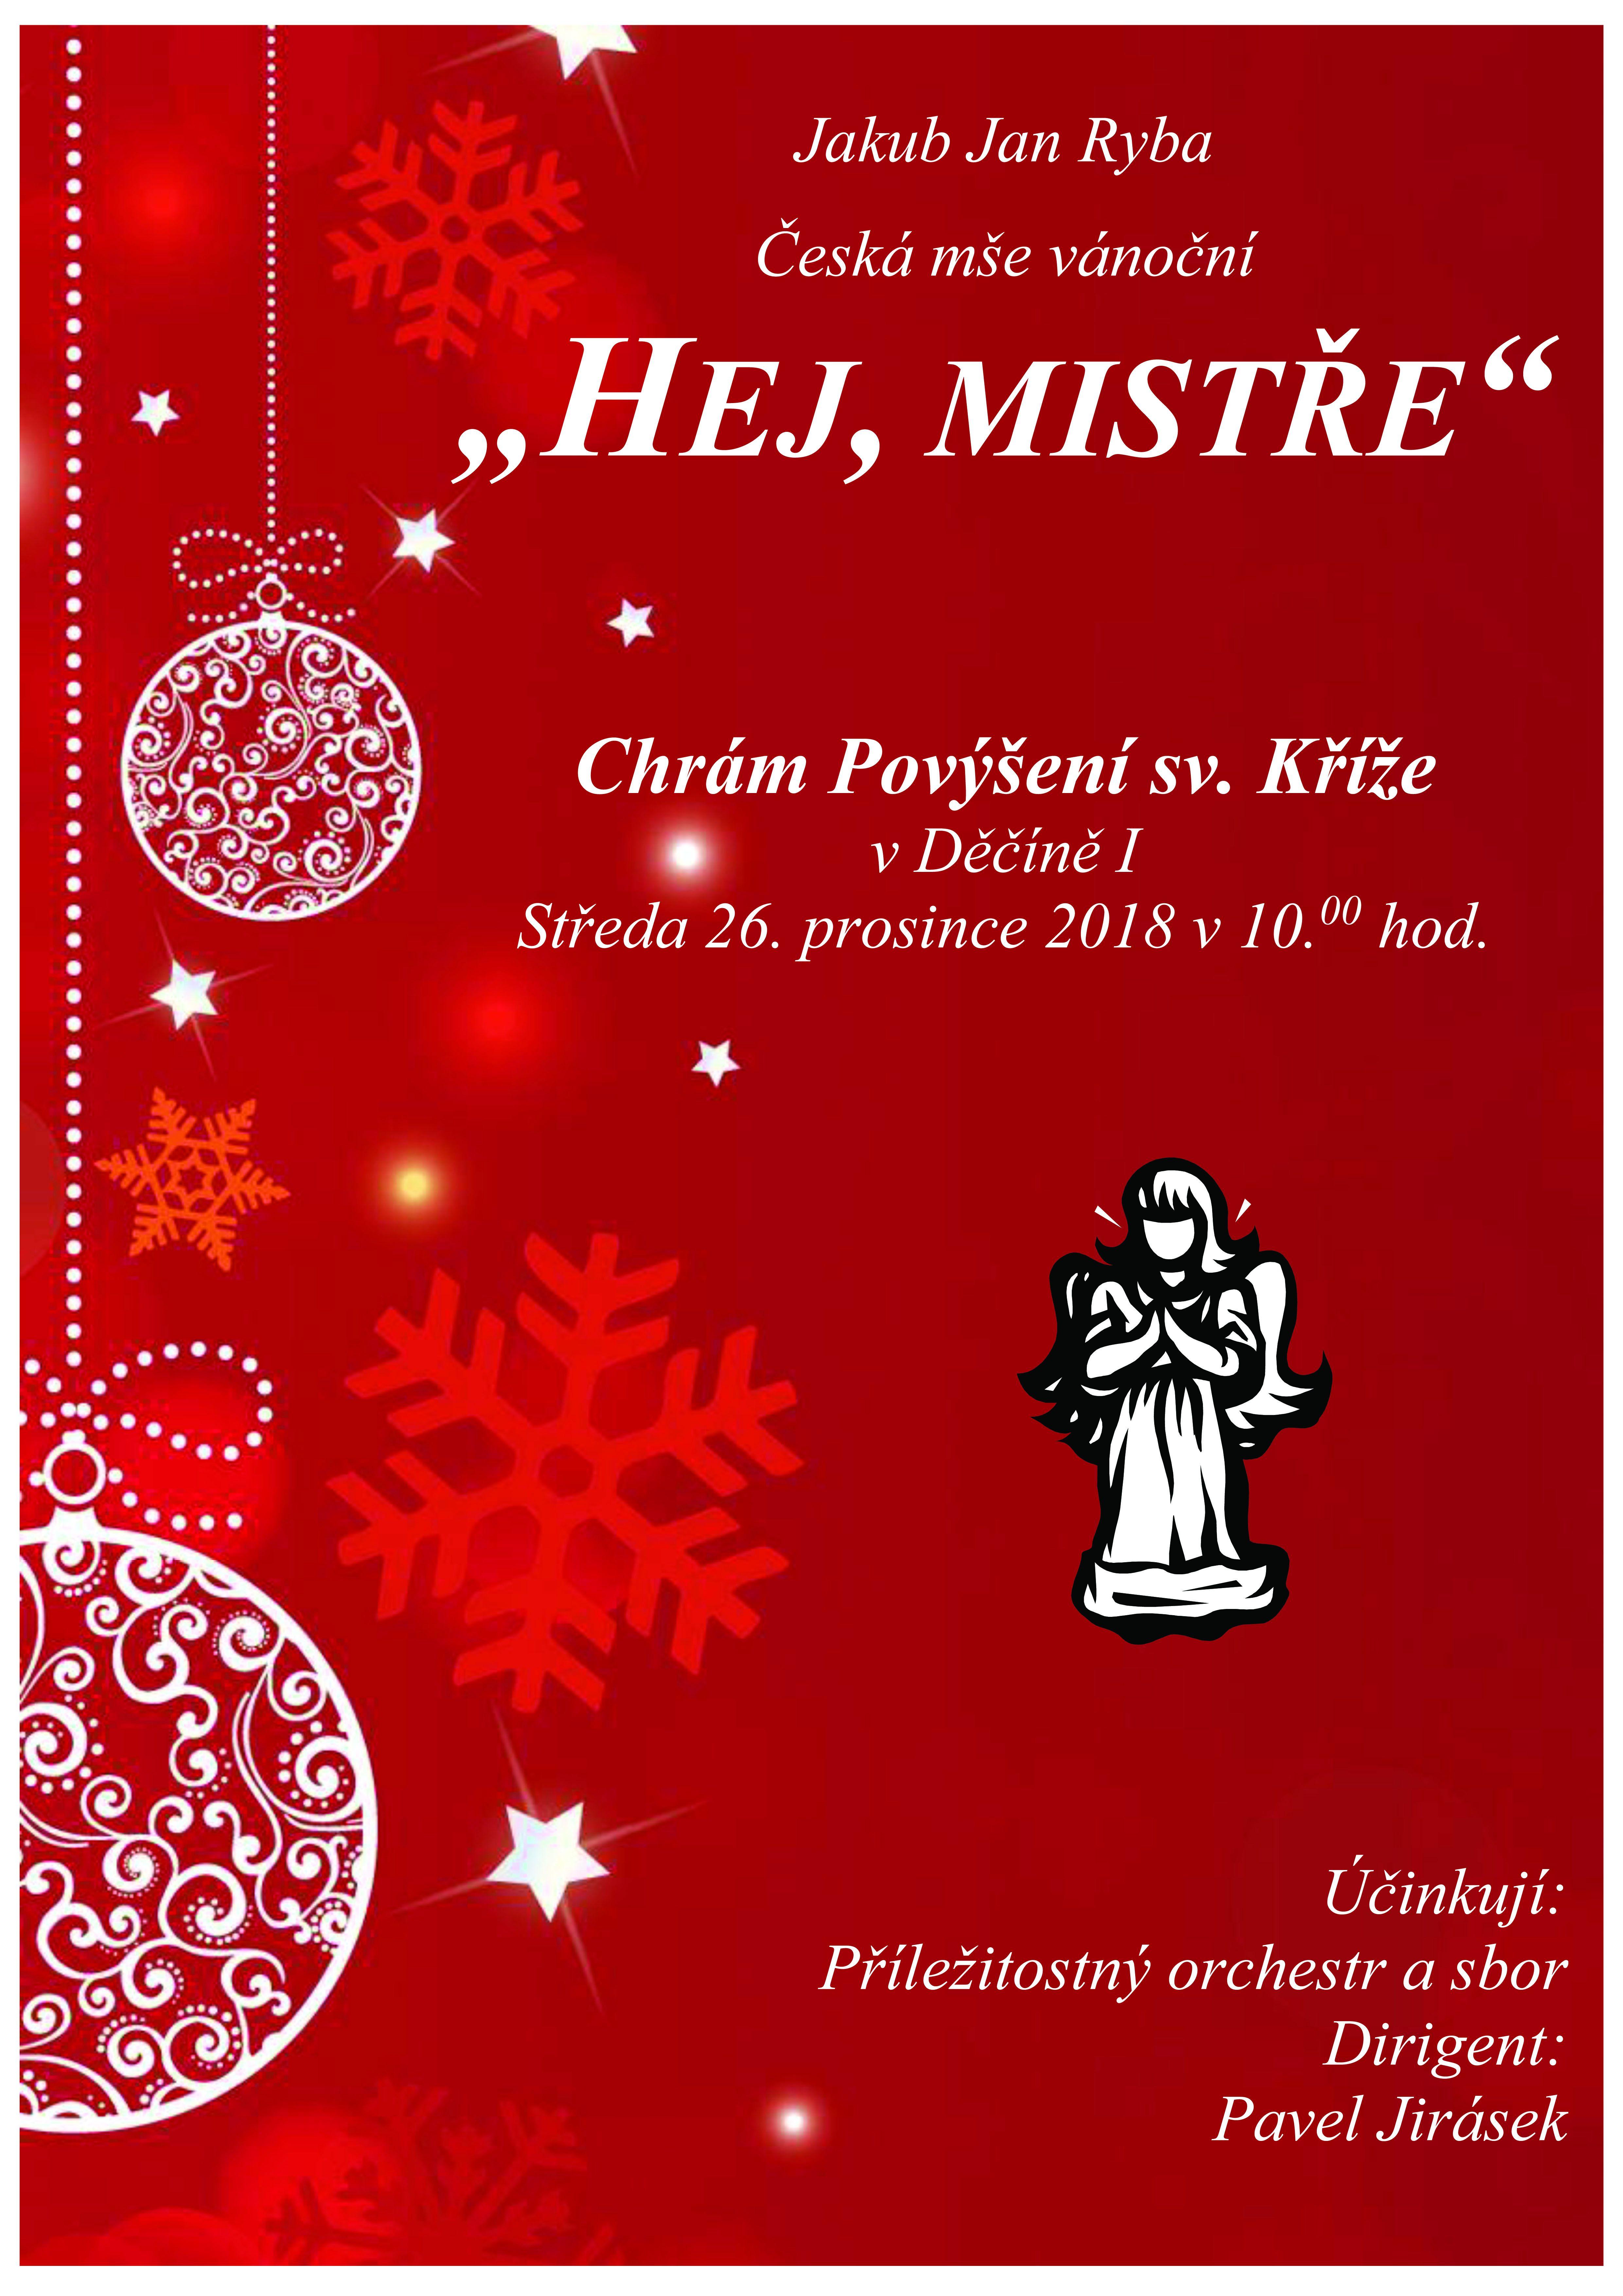 J. J. Ryba - Èeská mše vánoèní